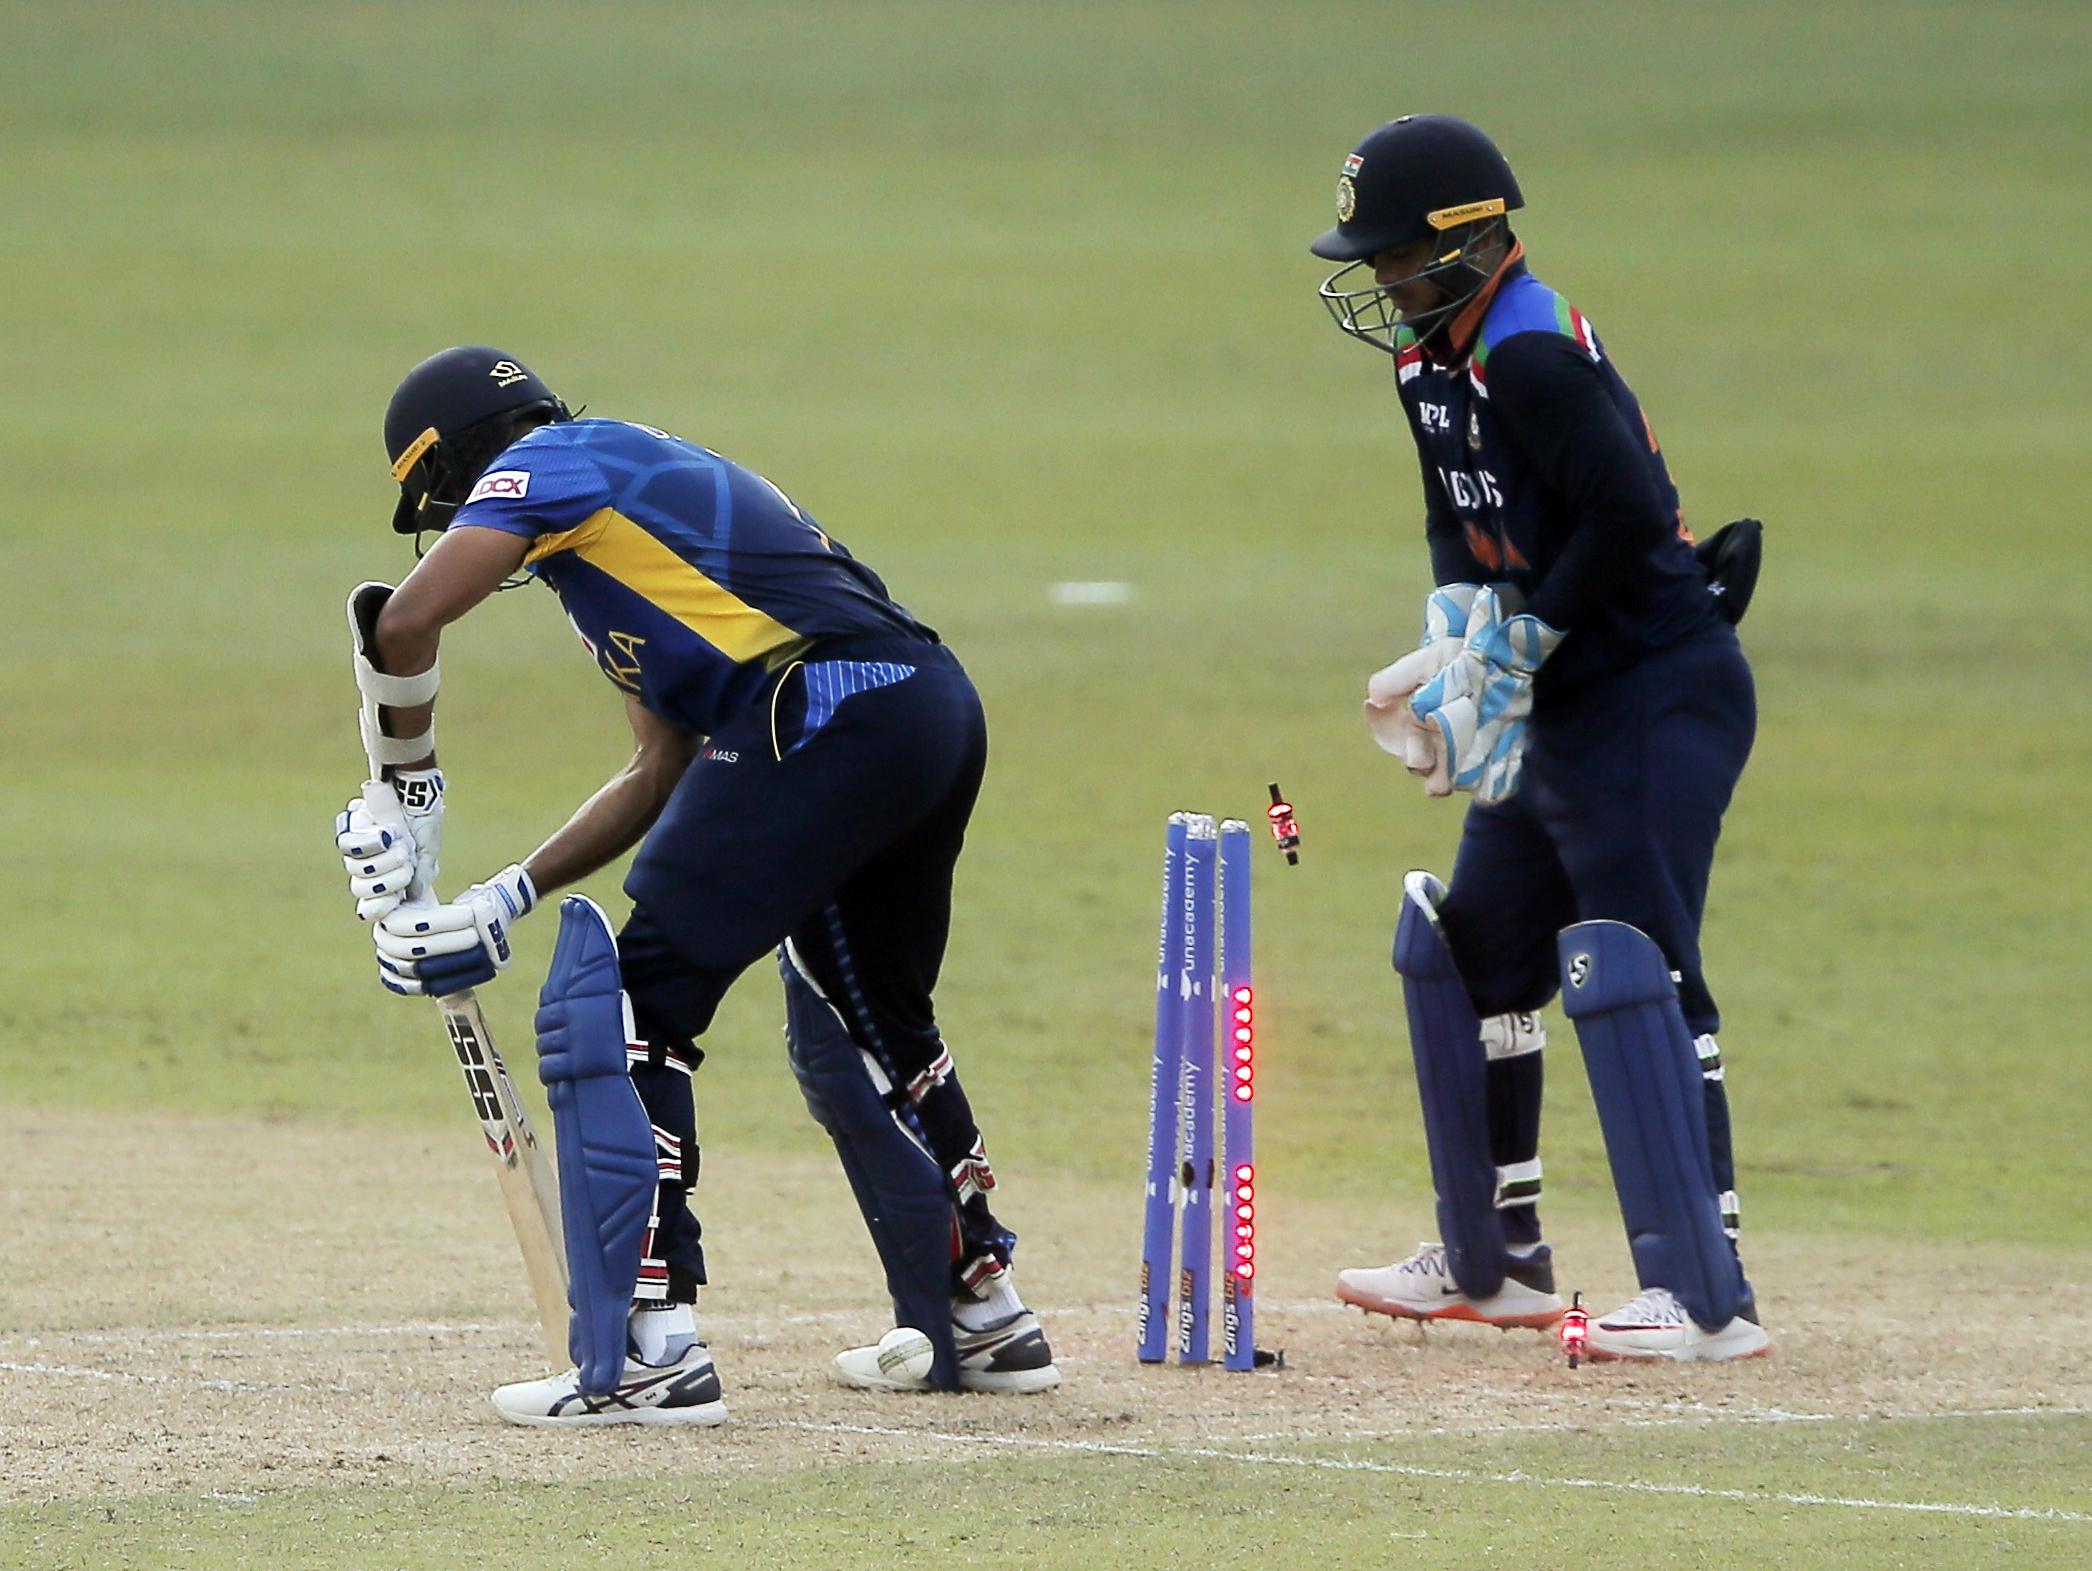 युजवेंद्र चहल ने श्रीलंका के कप्तान दासुन शनाका को क्लीन बोल्ड किया। वे 24 बॉल पर 16 रन बना सके।